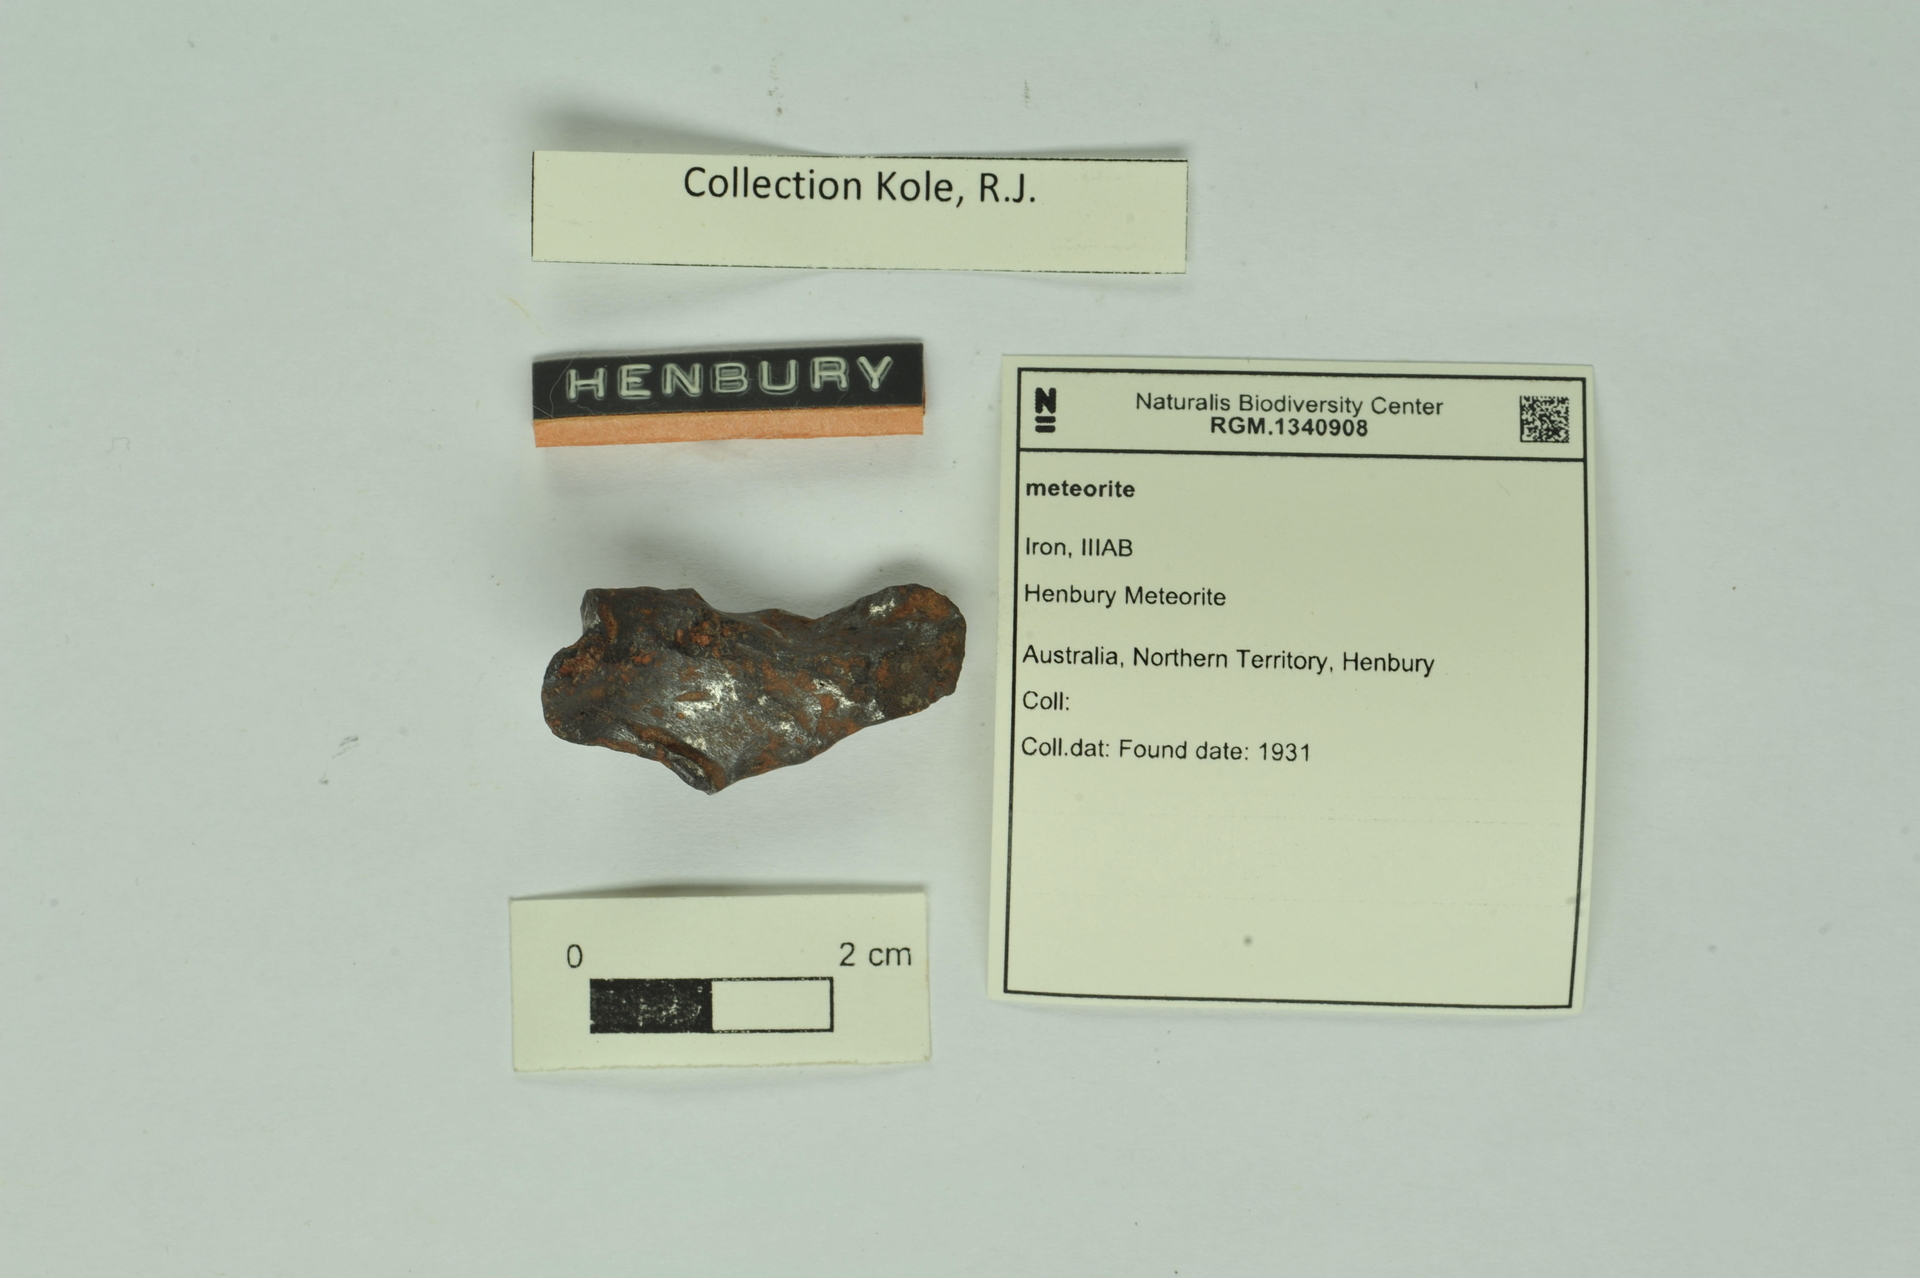 RGM.1340908 | Iron, IIIAB